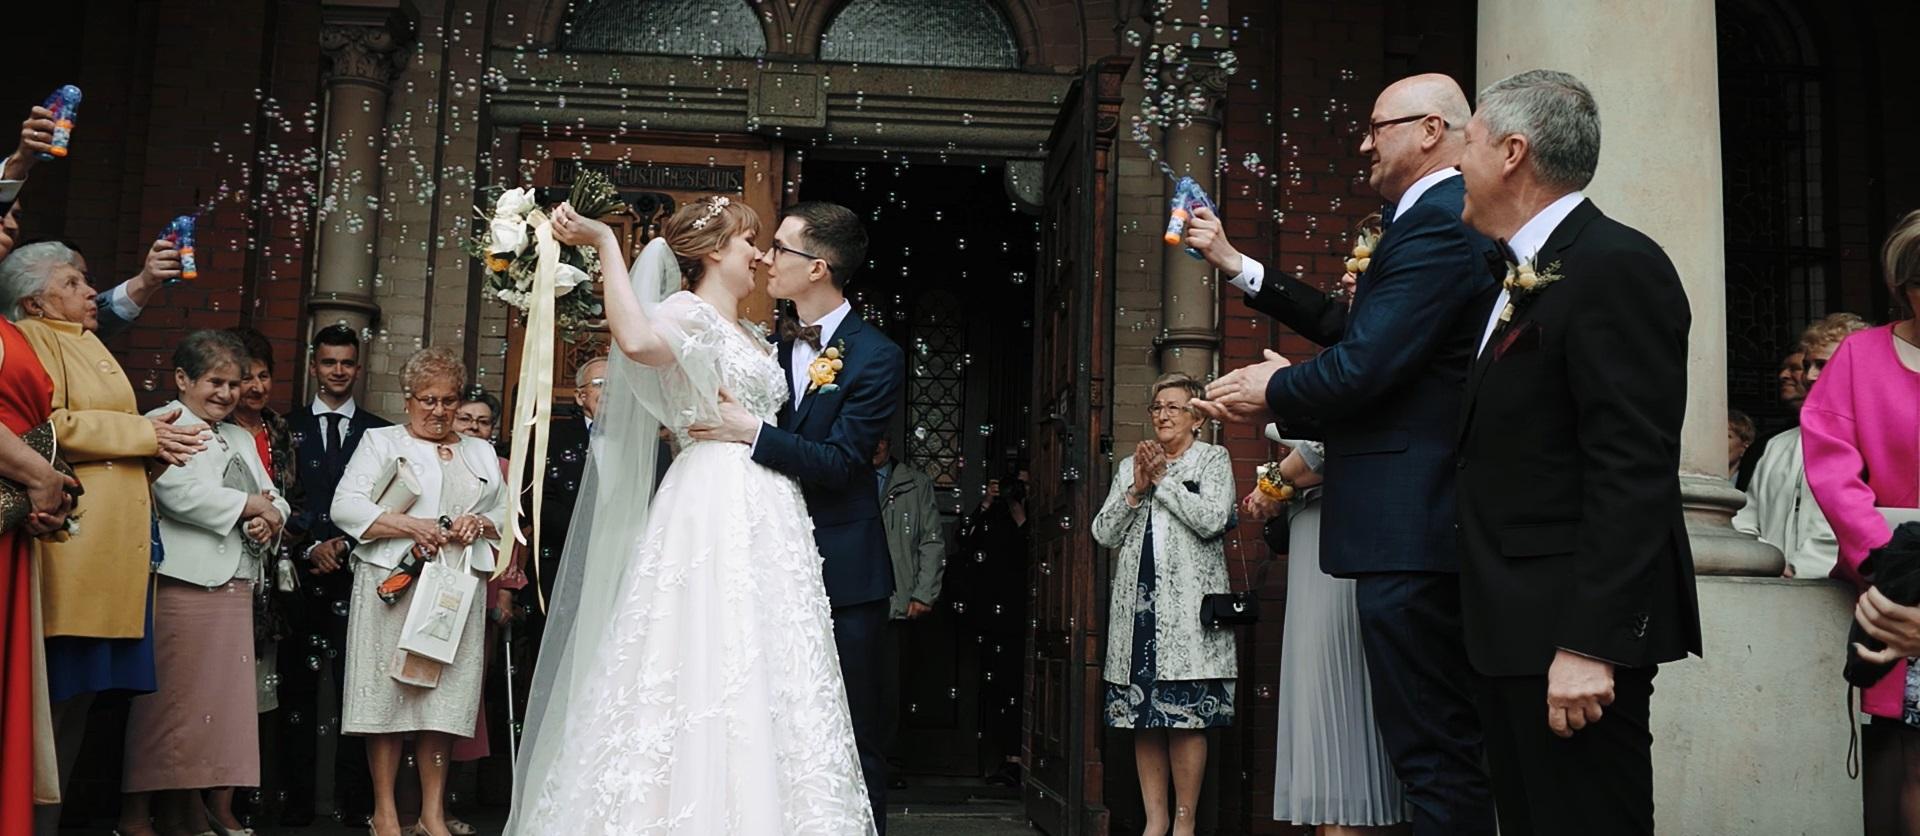 bańki wesele ślub katowice wesele śląsk film ślubny